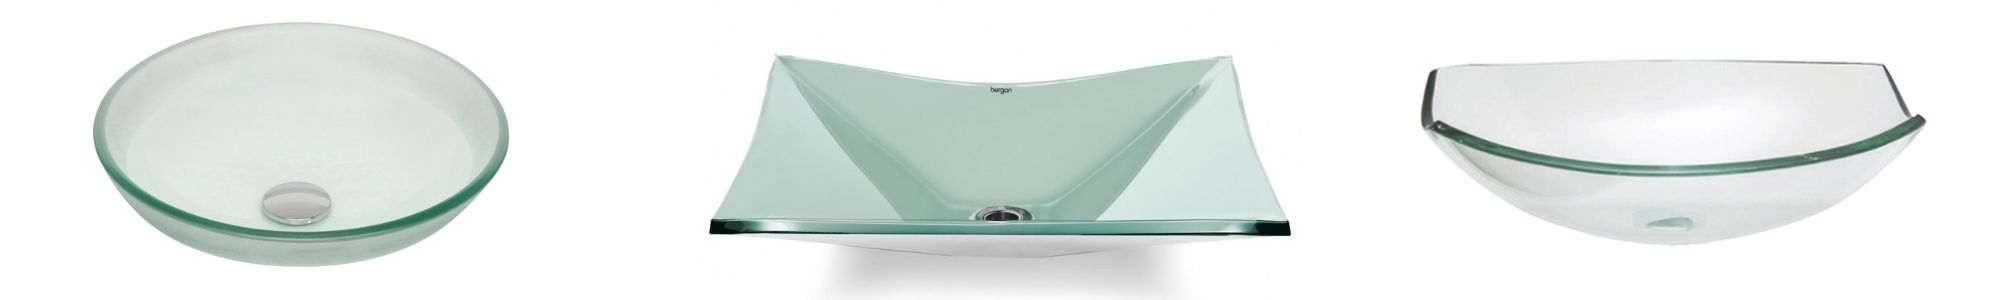 Cuba de vidro para banheiro: Conheça os principais modelos